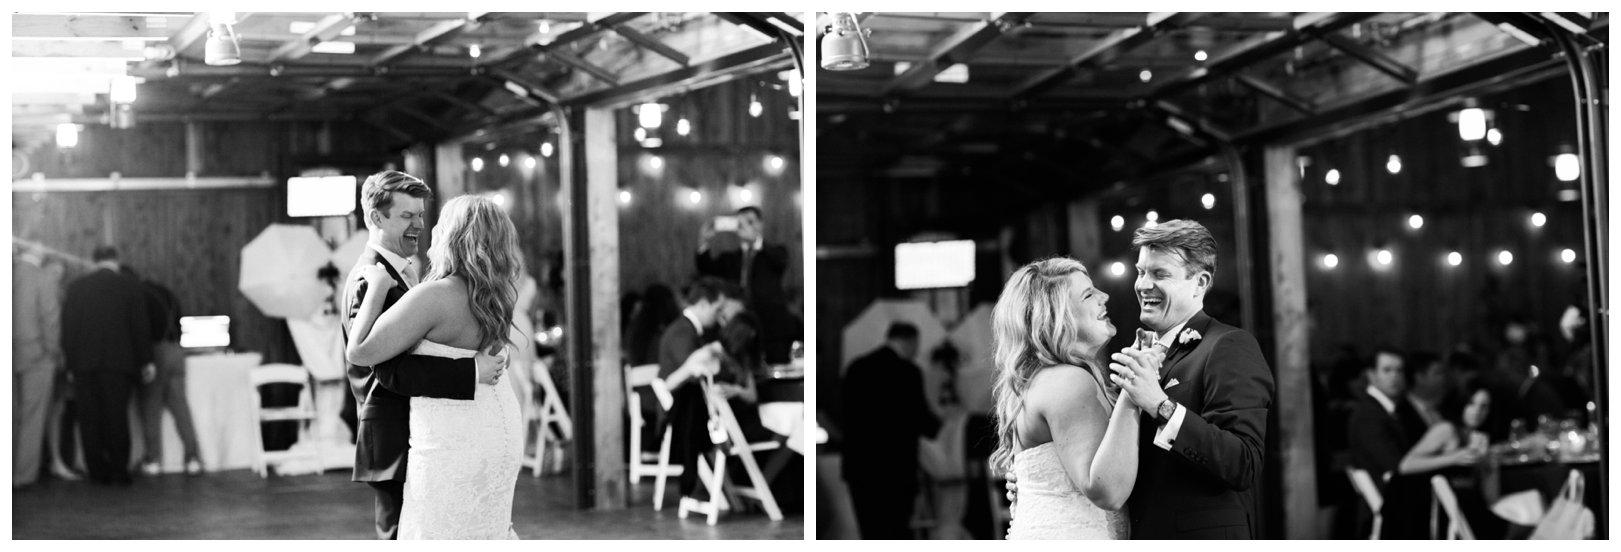 lauren muckler photography_fine art film wedding photography_st louis_photography_0997.jpg